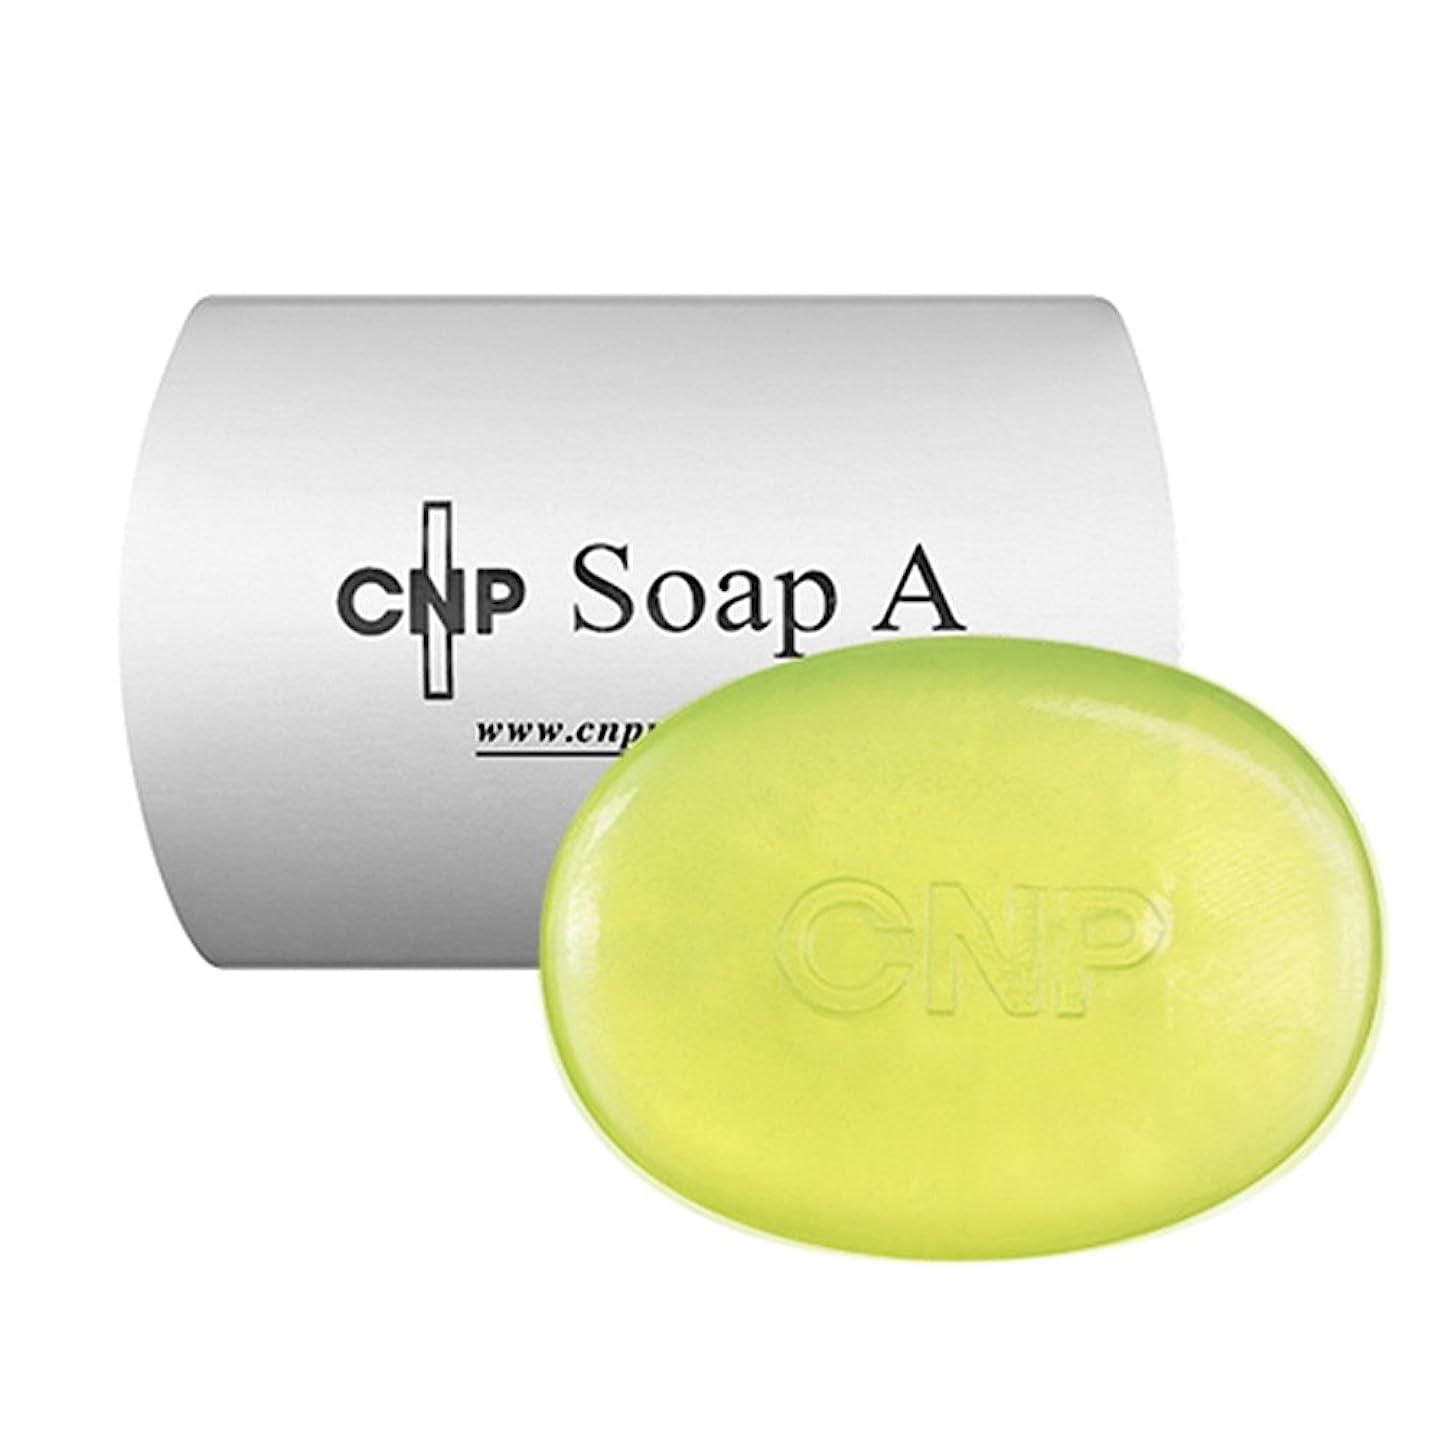 追い越すコントロール虚偽CNP Soap A チャアンドパク ソープ A [並行輸入品]